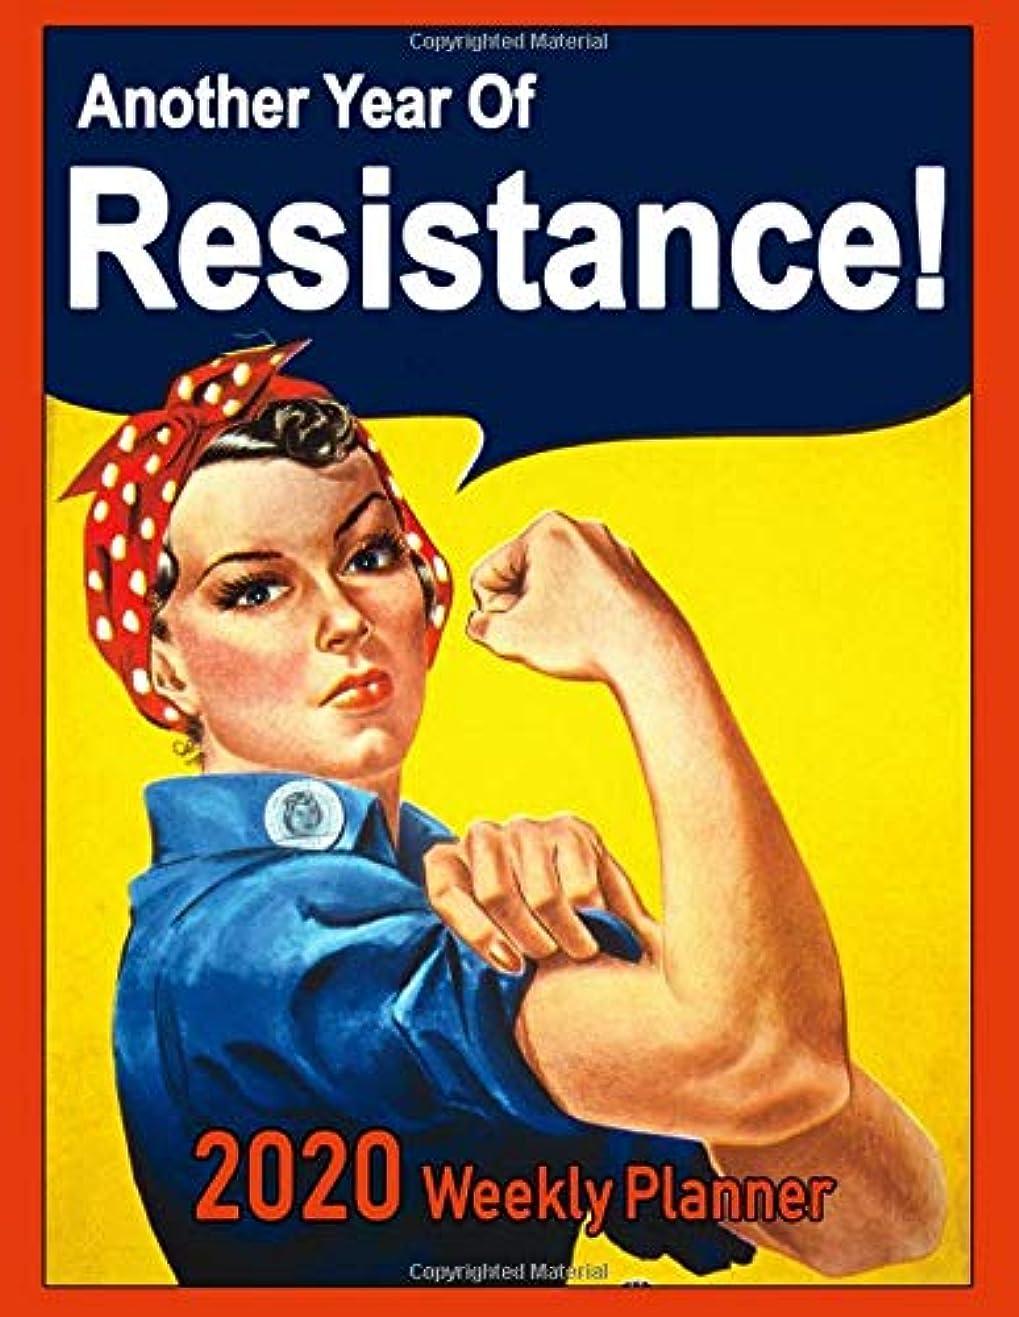 食品些細ギャップ2020 Weekly Planner: Another Year Of Resistance!: Vintage Poster Art Cover, with A Twist